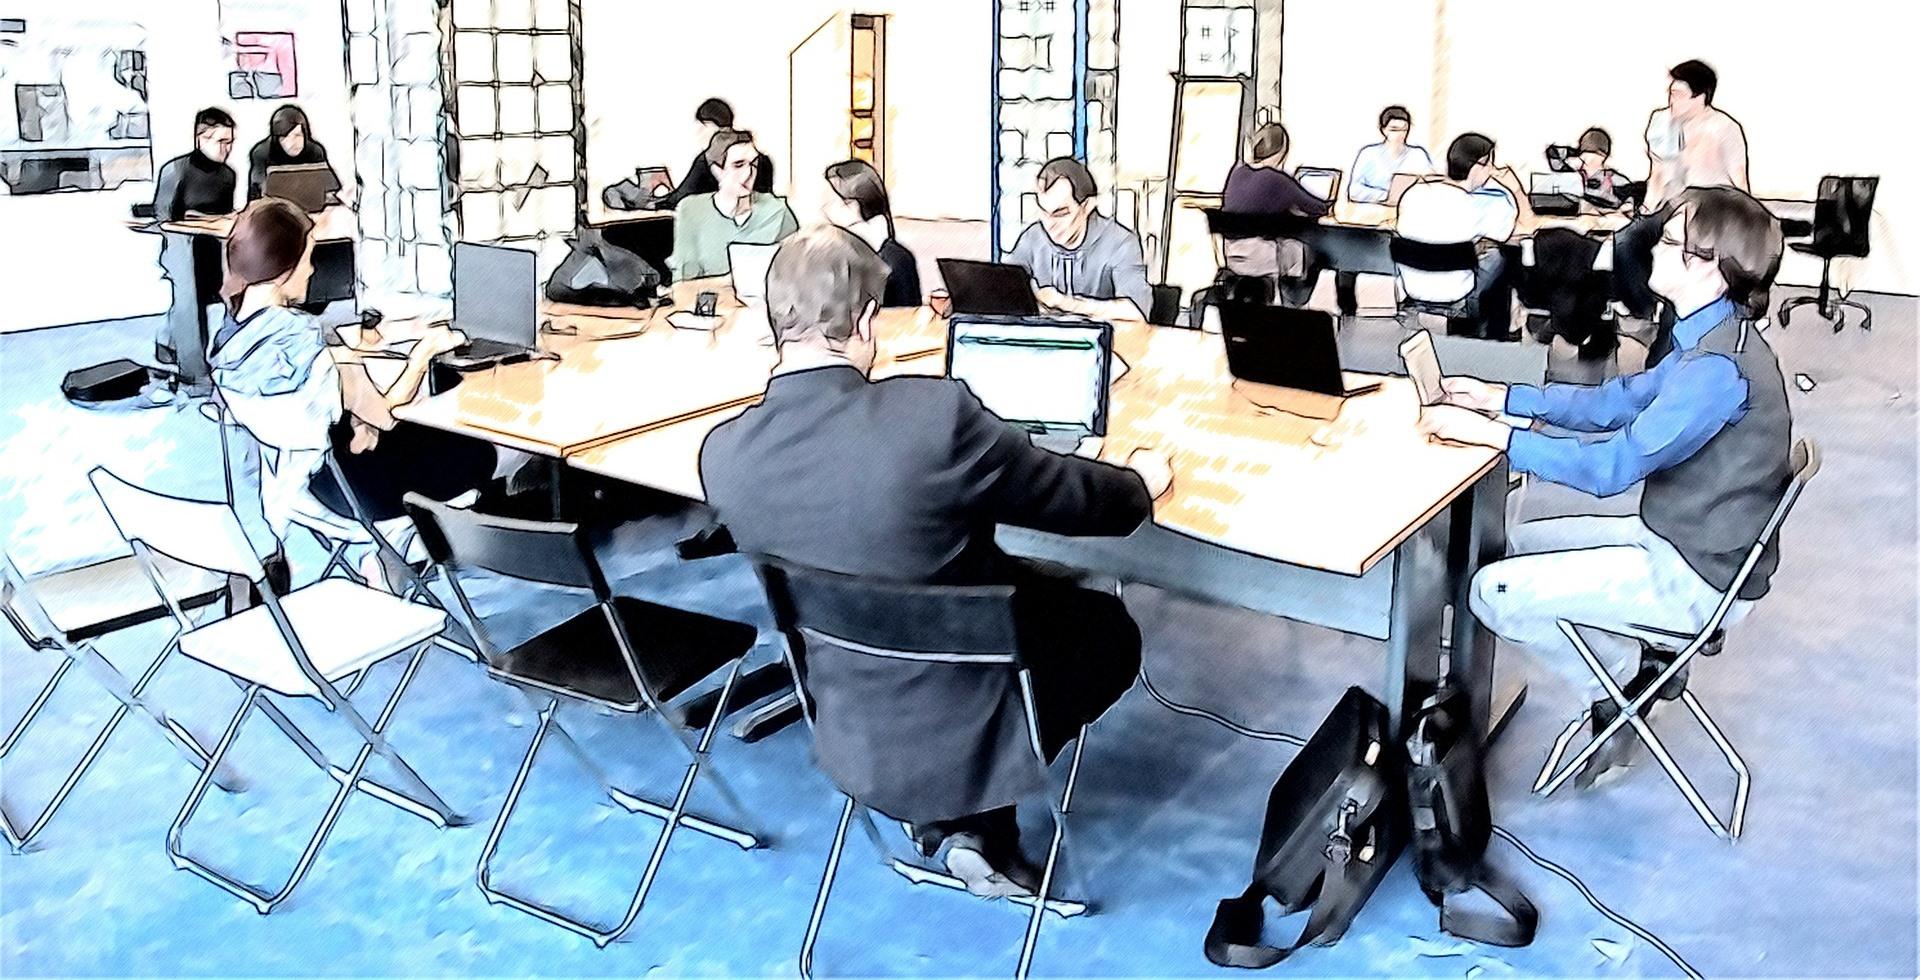 ניהול קיבוצים - חדשנות בעולם התעסוקה העתידי